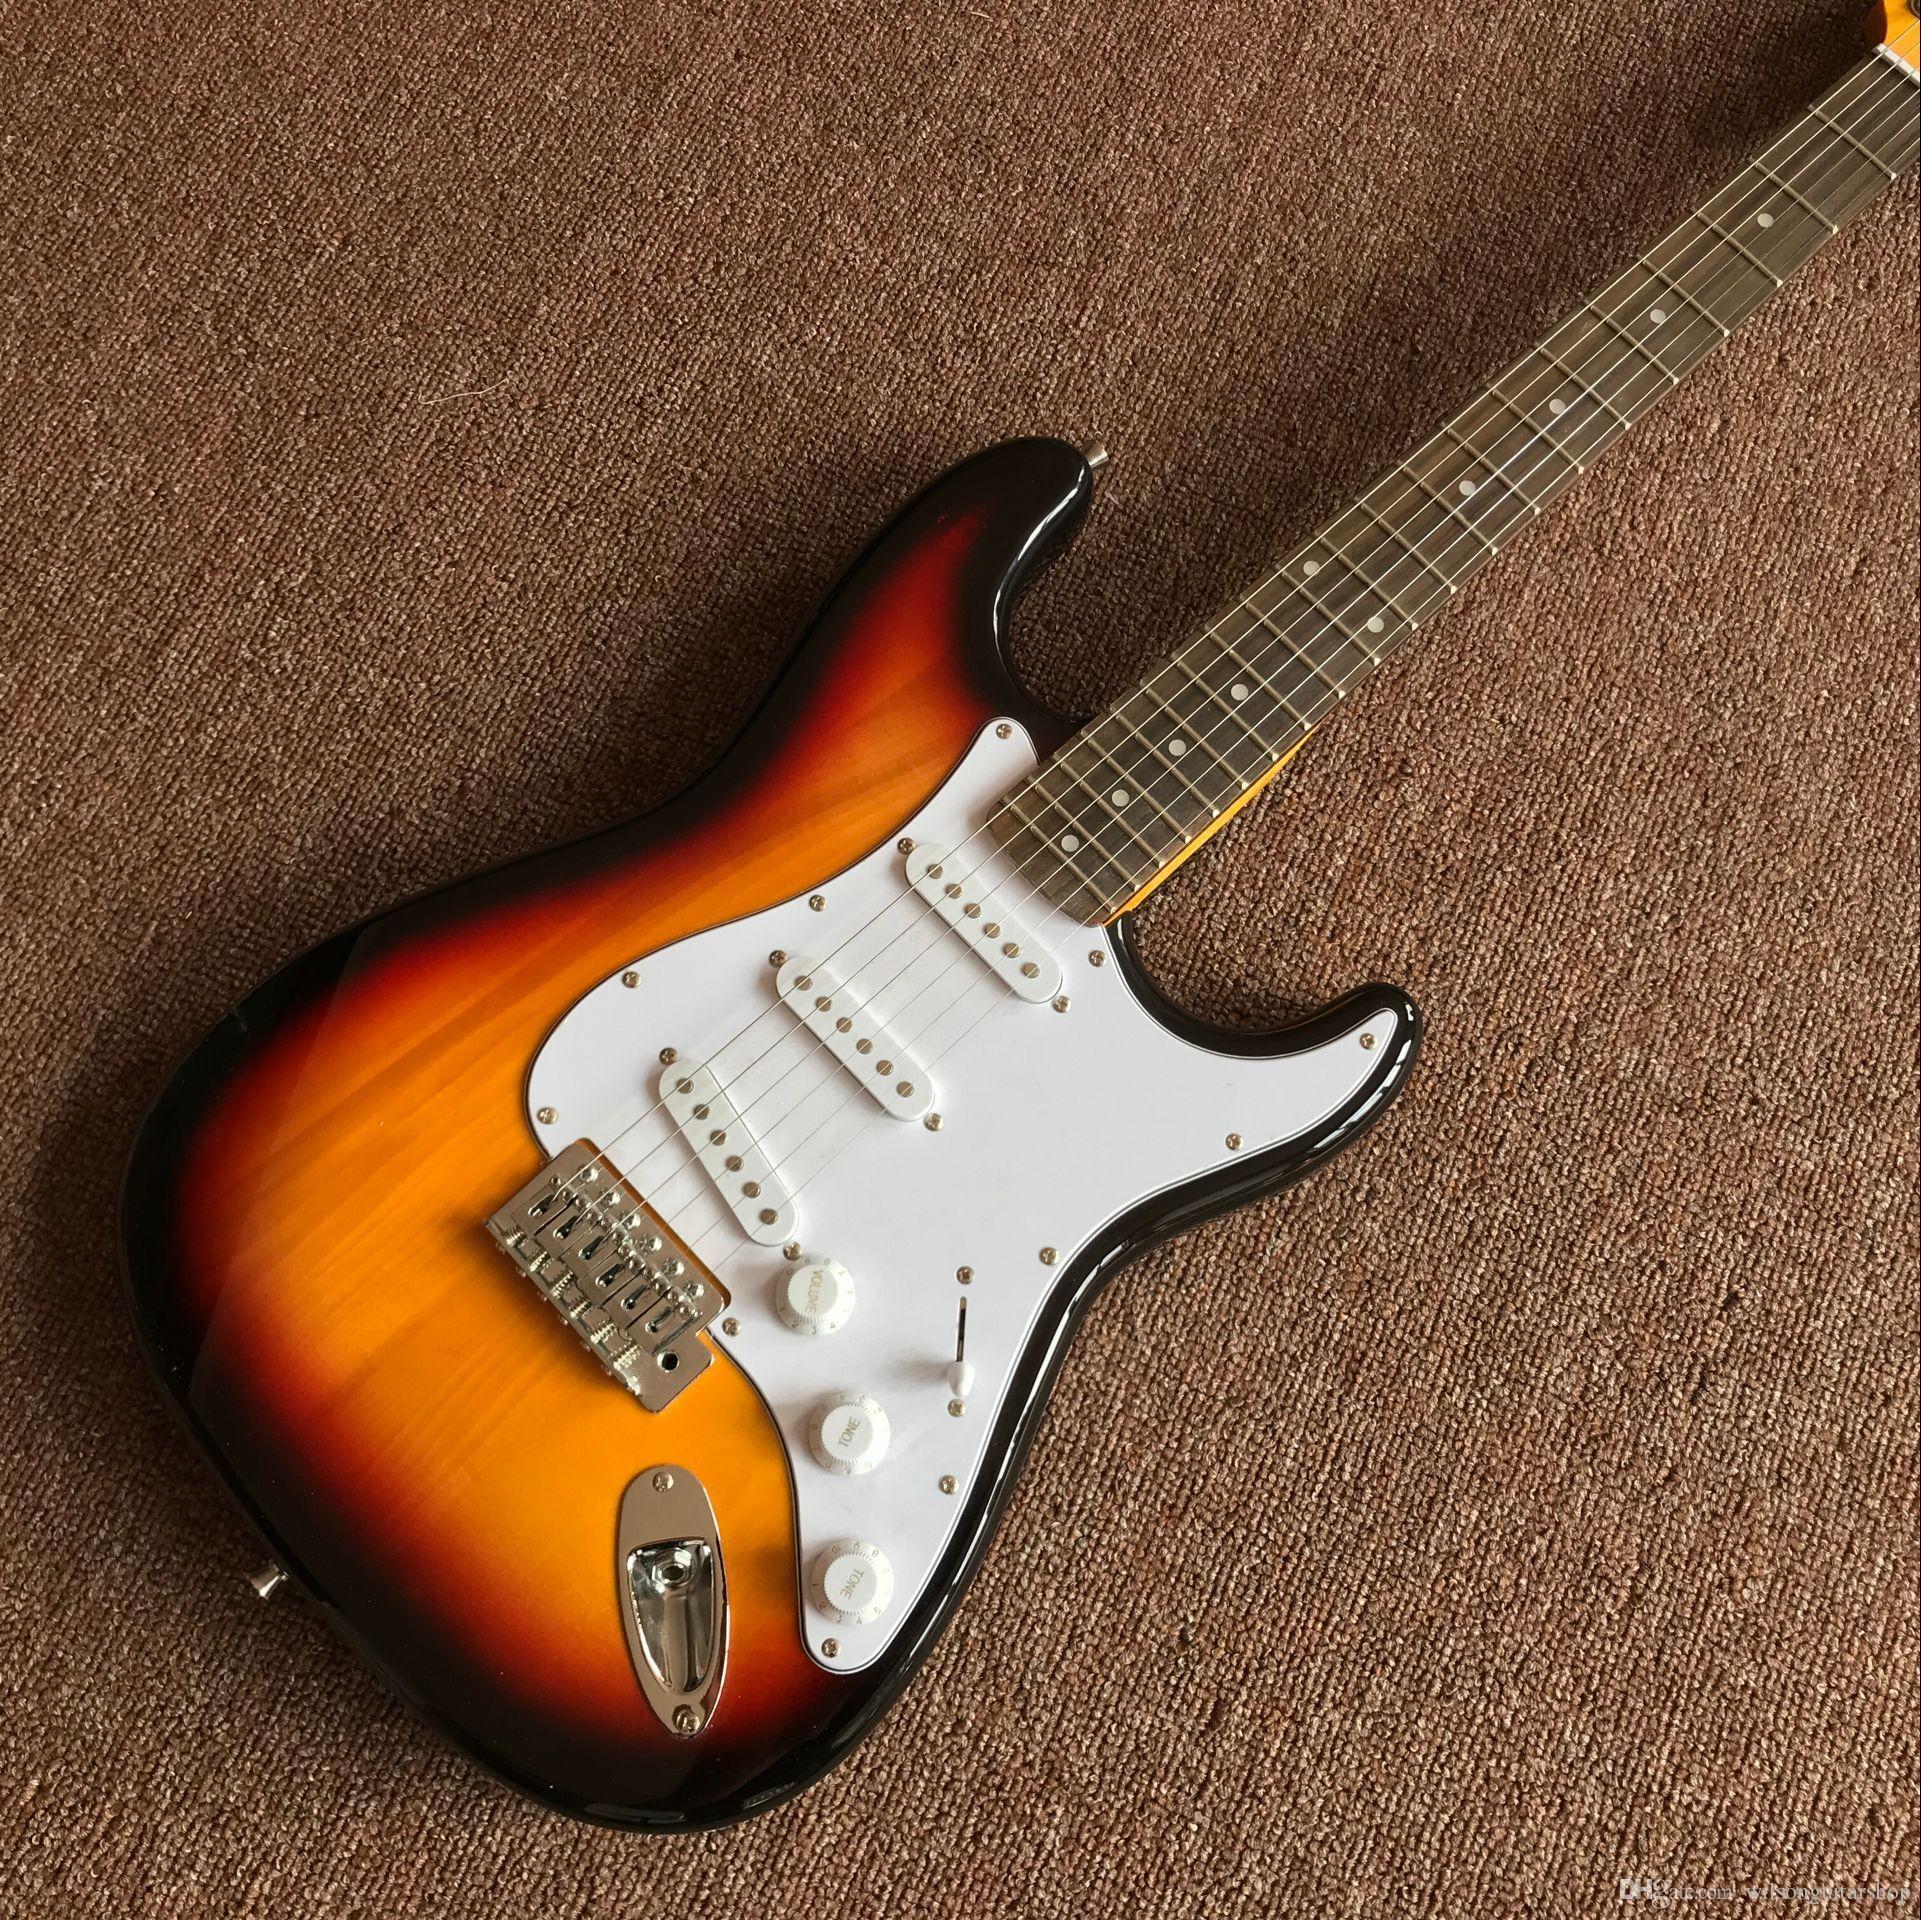 Guitare électrique Vente en gros nouvelle fen st custom shop guitare électrique / marque oem